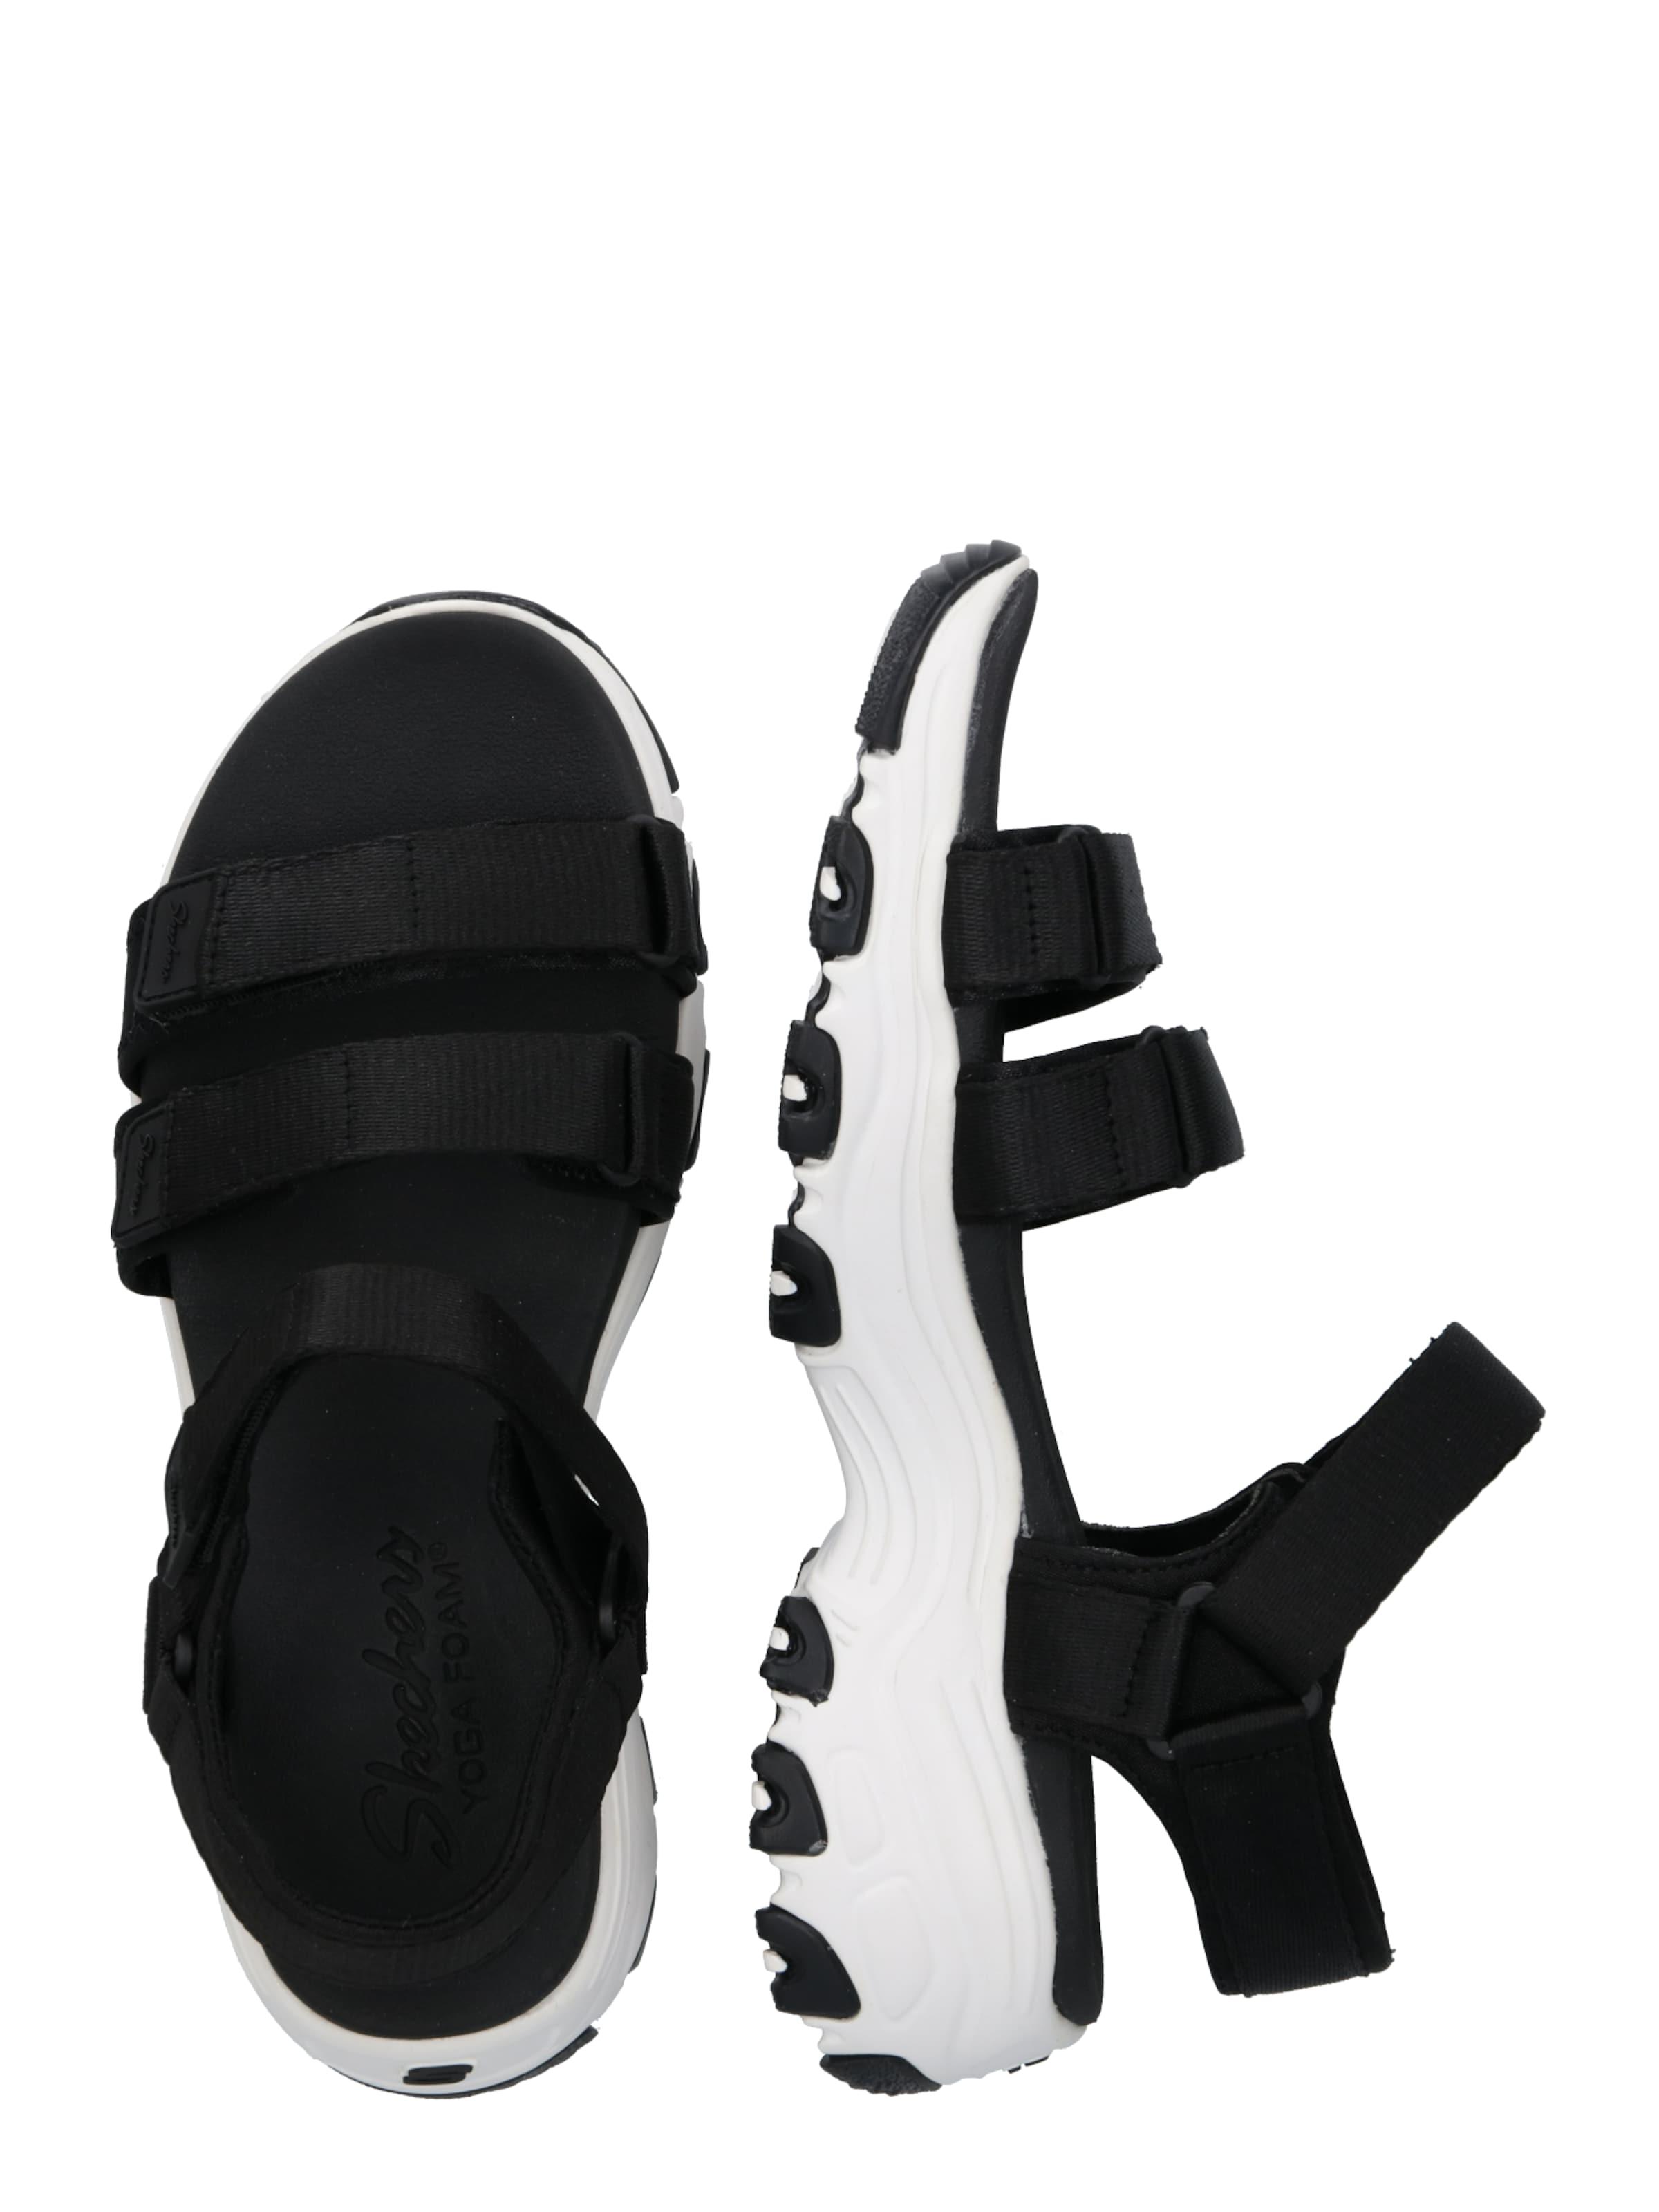 SchwarzWeiß Skechers Skechers Sandale In In Sandale SchwarzWeiß In Skechers Sandale SchwarzWeiß kZiuOPX